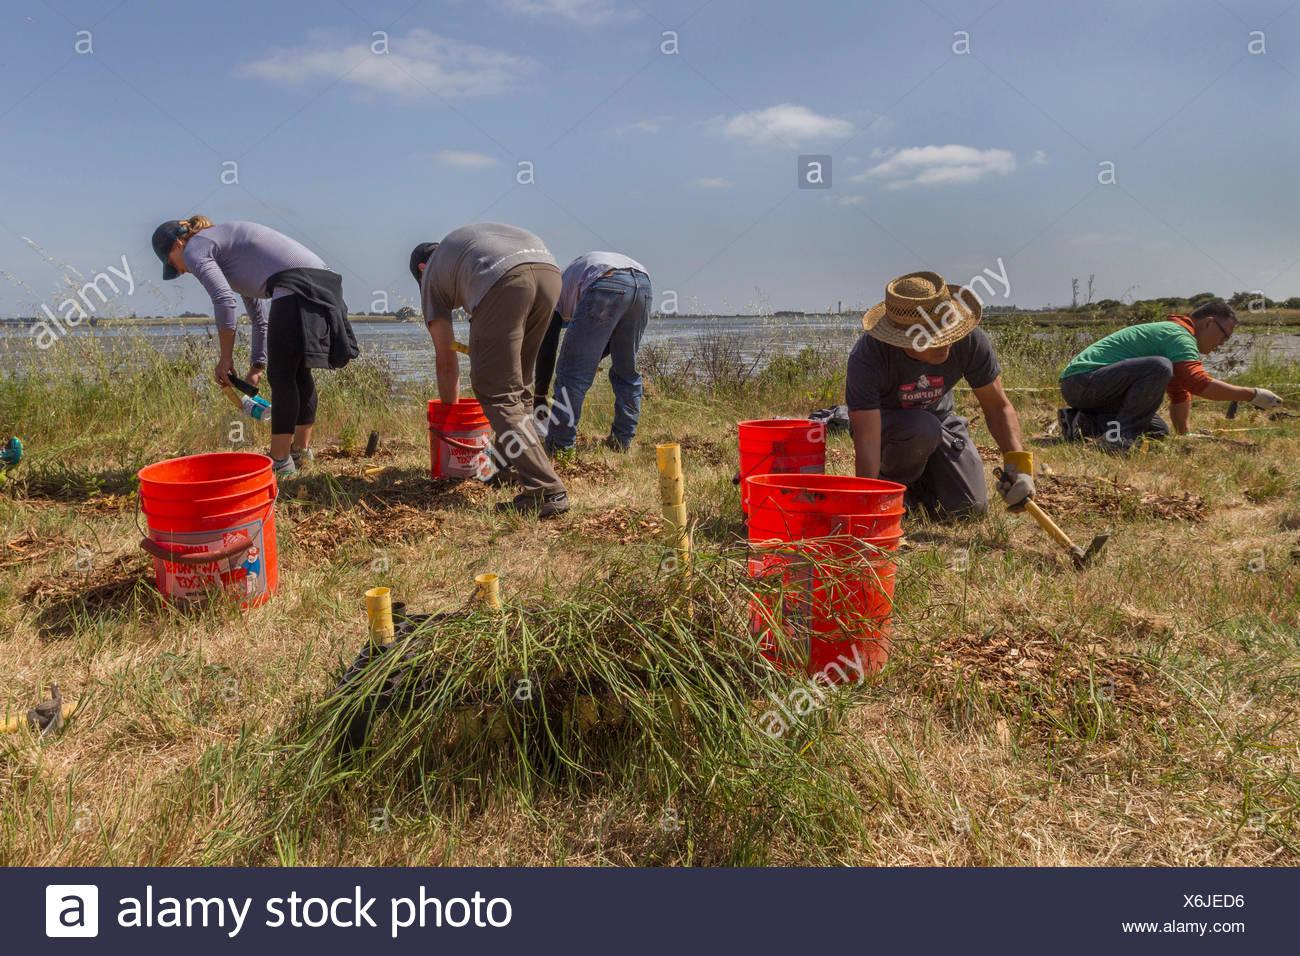 Fünf Personen an der Bereinigung Veranstaltung arbeiten, mlk Shoreline, Oakland, Kalifornien, USA Stockbild